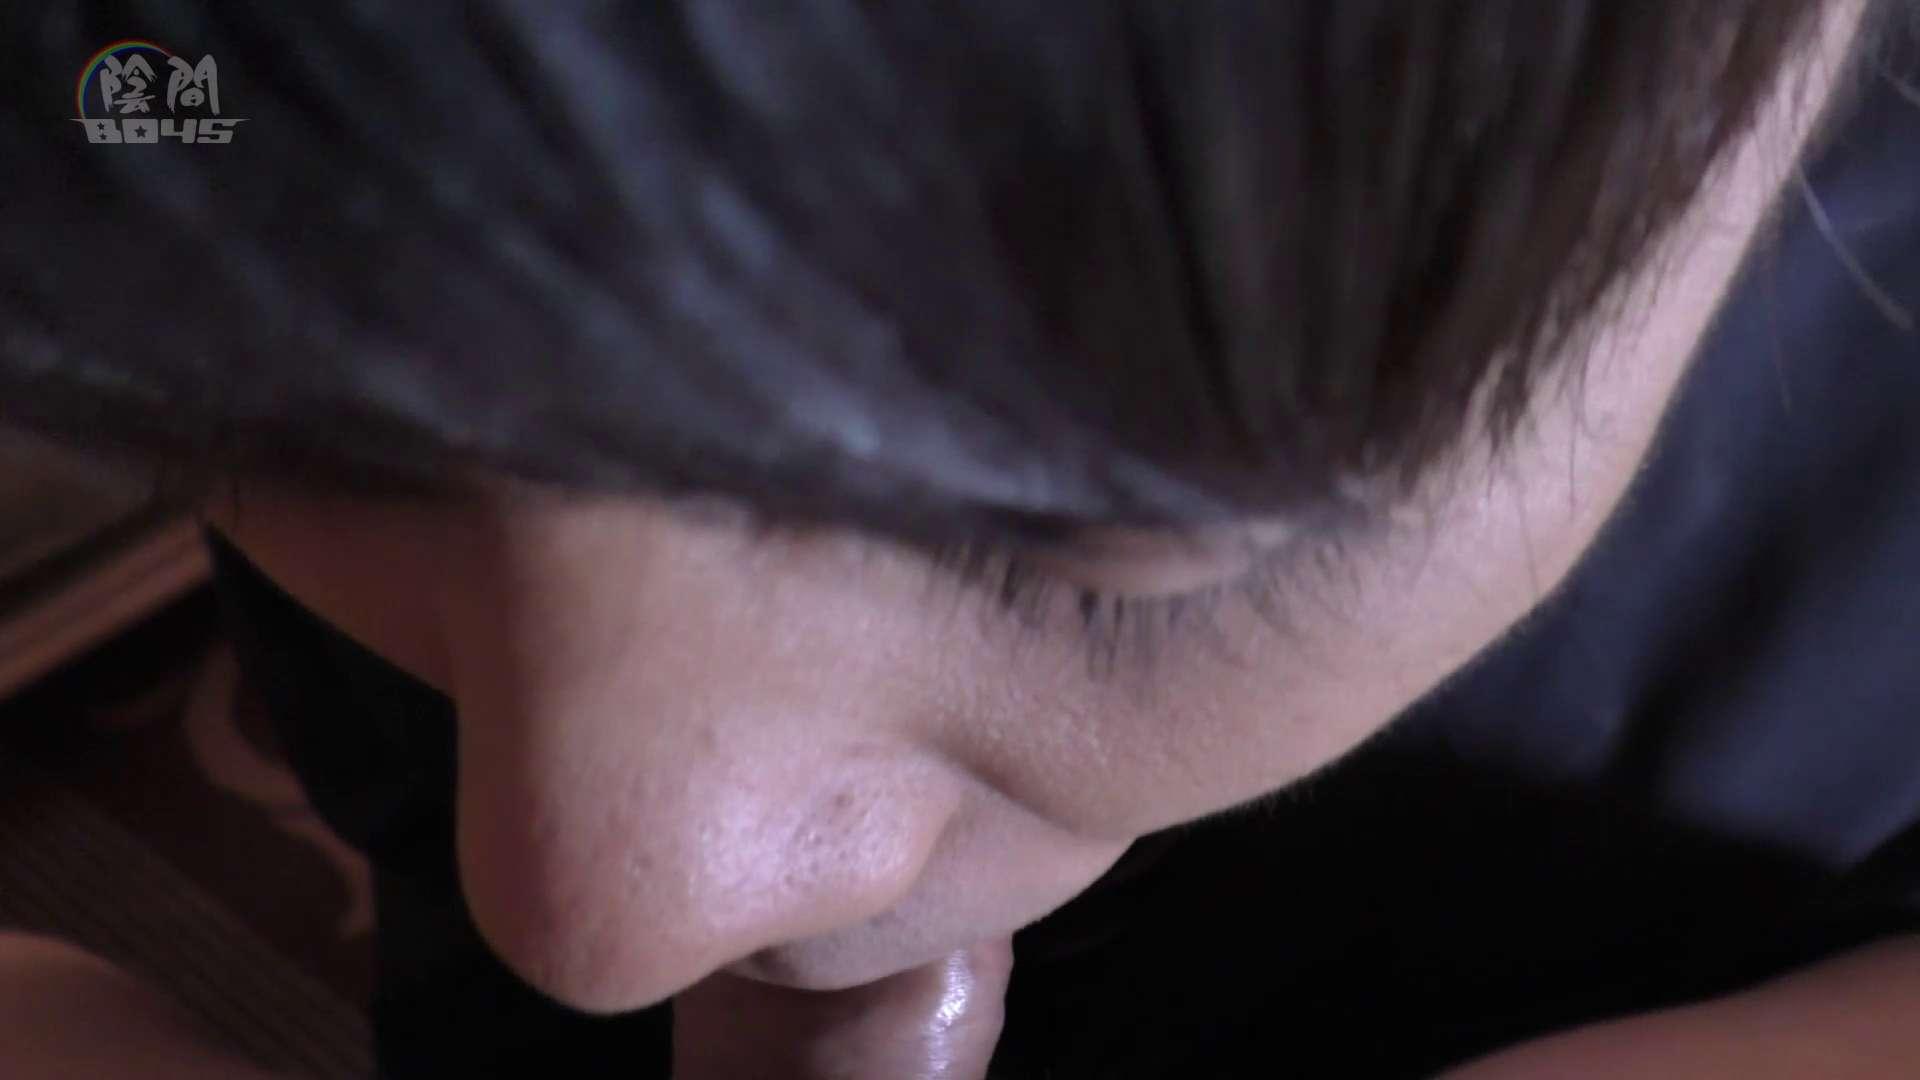 キャバクラの仕事はアナルから6  ~アナルの囁き~Vol.03 アナル責め ゲイモロ画像 76枚 37